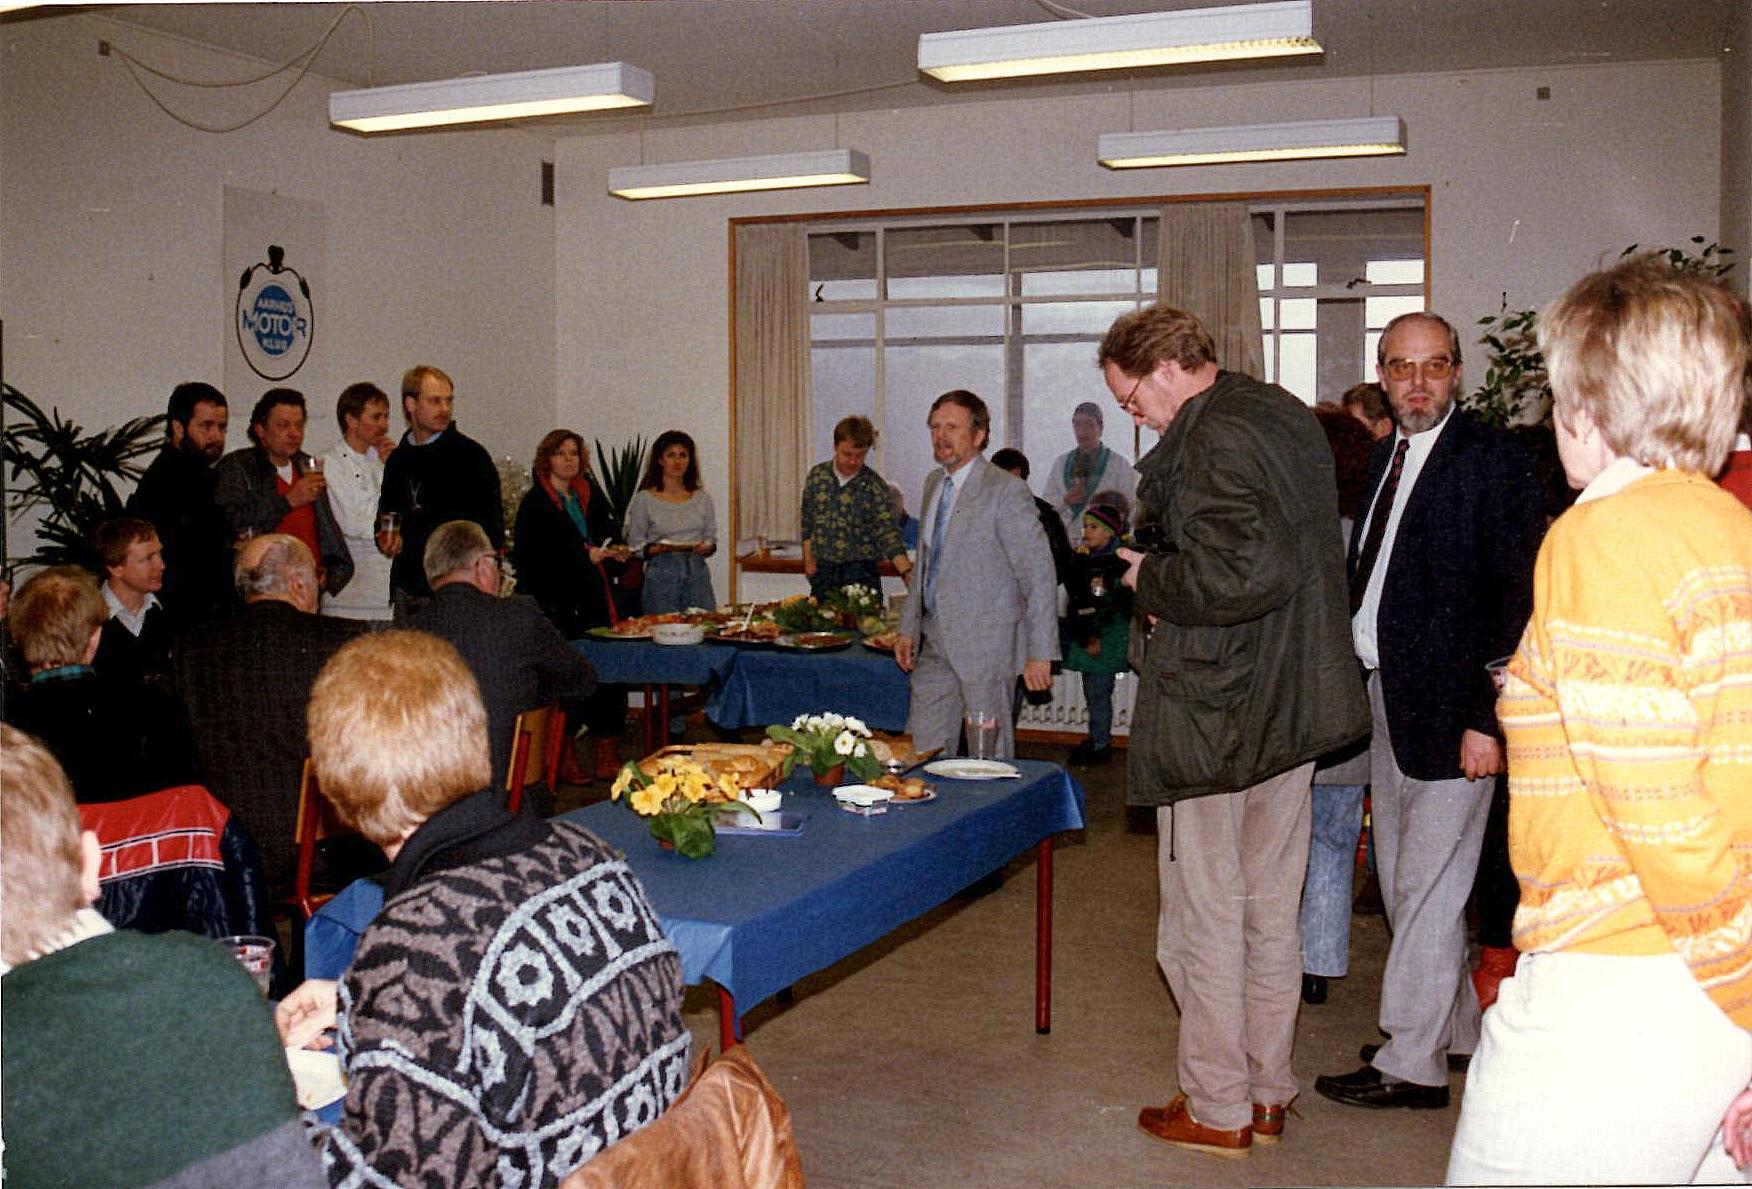 Erik Dam ses tv i hvidt kokketøj under AMK-logoet. Lejligheden er AMK´s 60 års Jubilæumsreception i 1990 på Søsporten, hvor Erik leverede maden.